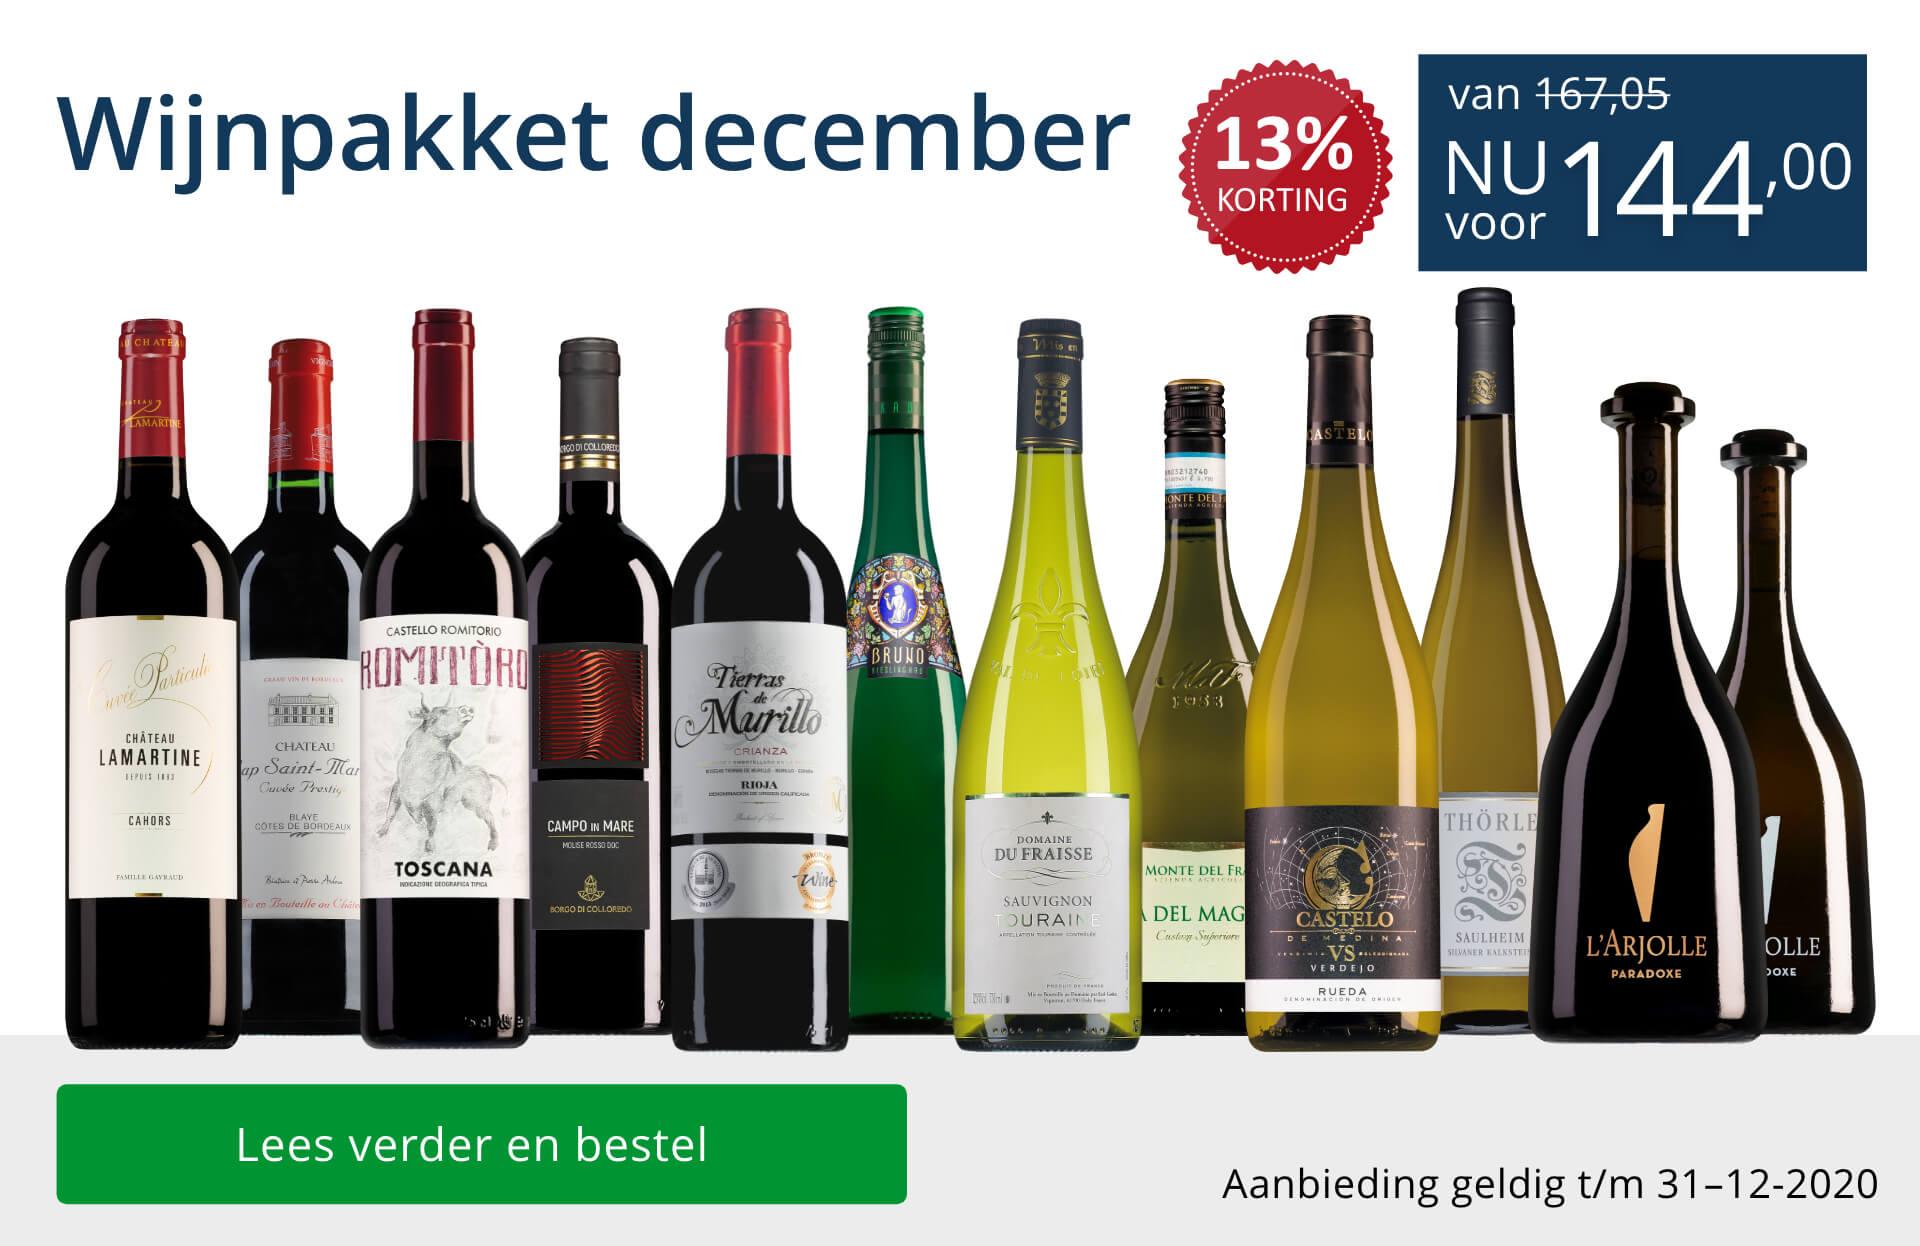 Wijnpakket wijnbericht december 2020 (144,00) - blauw